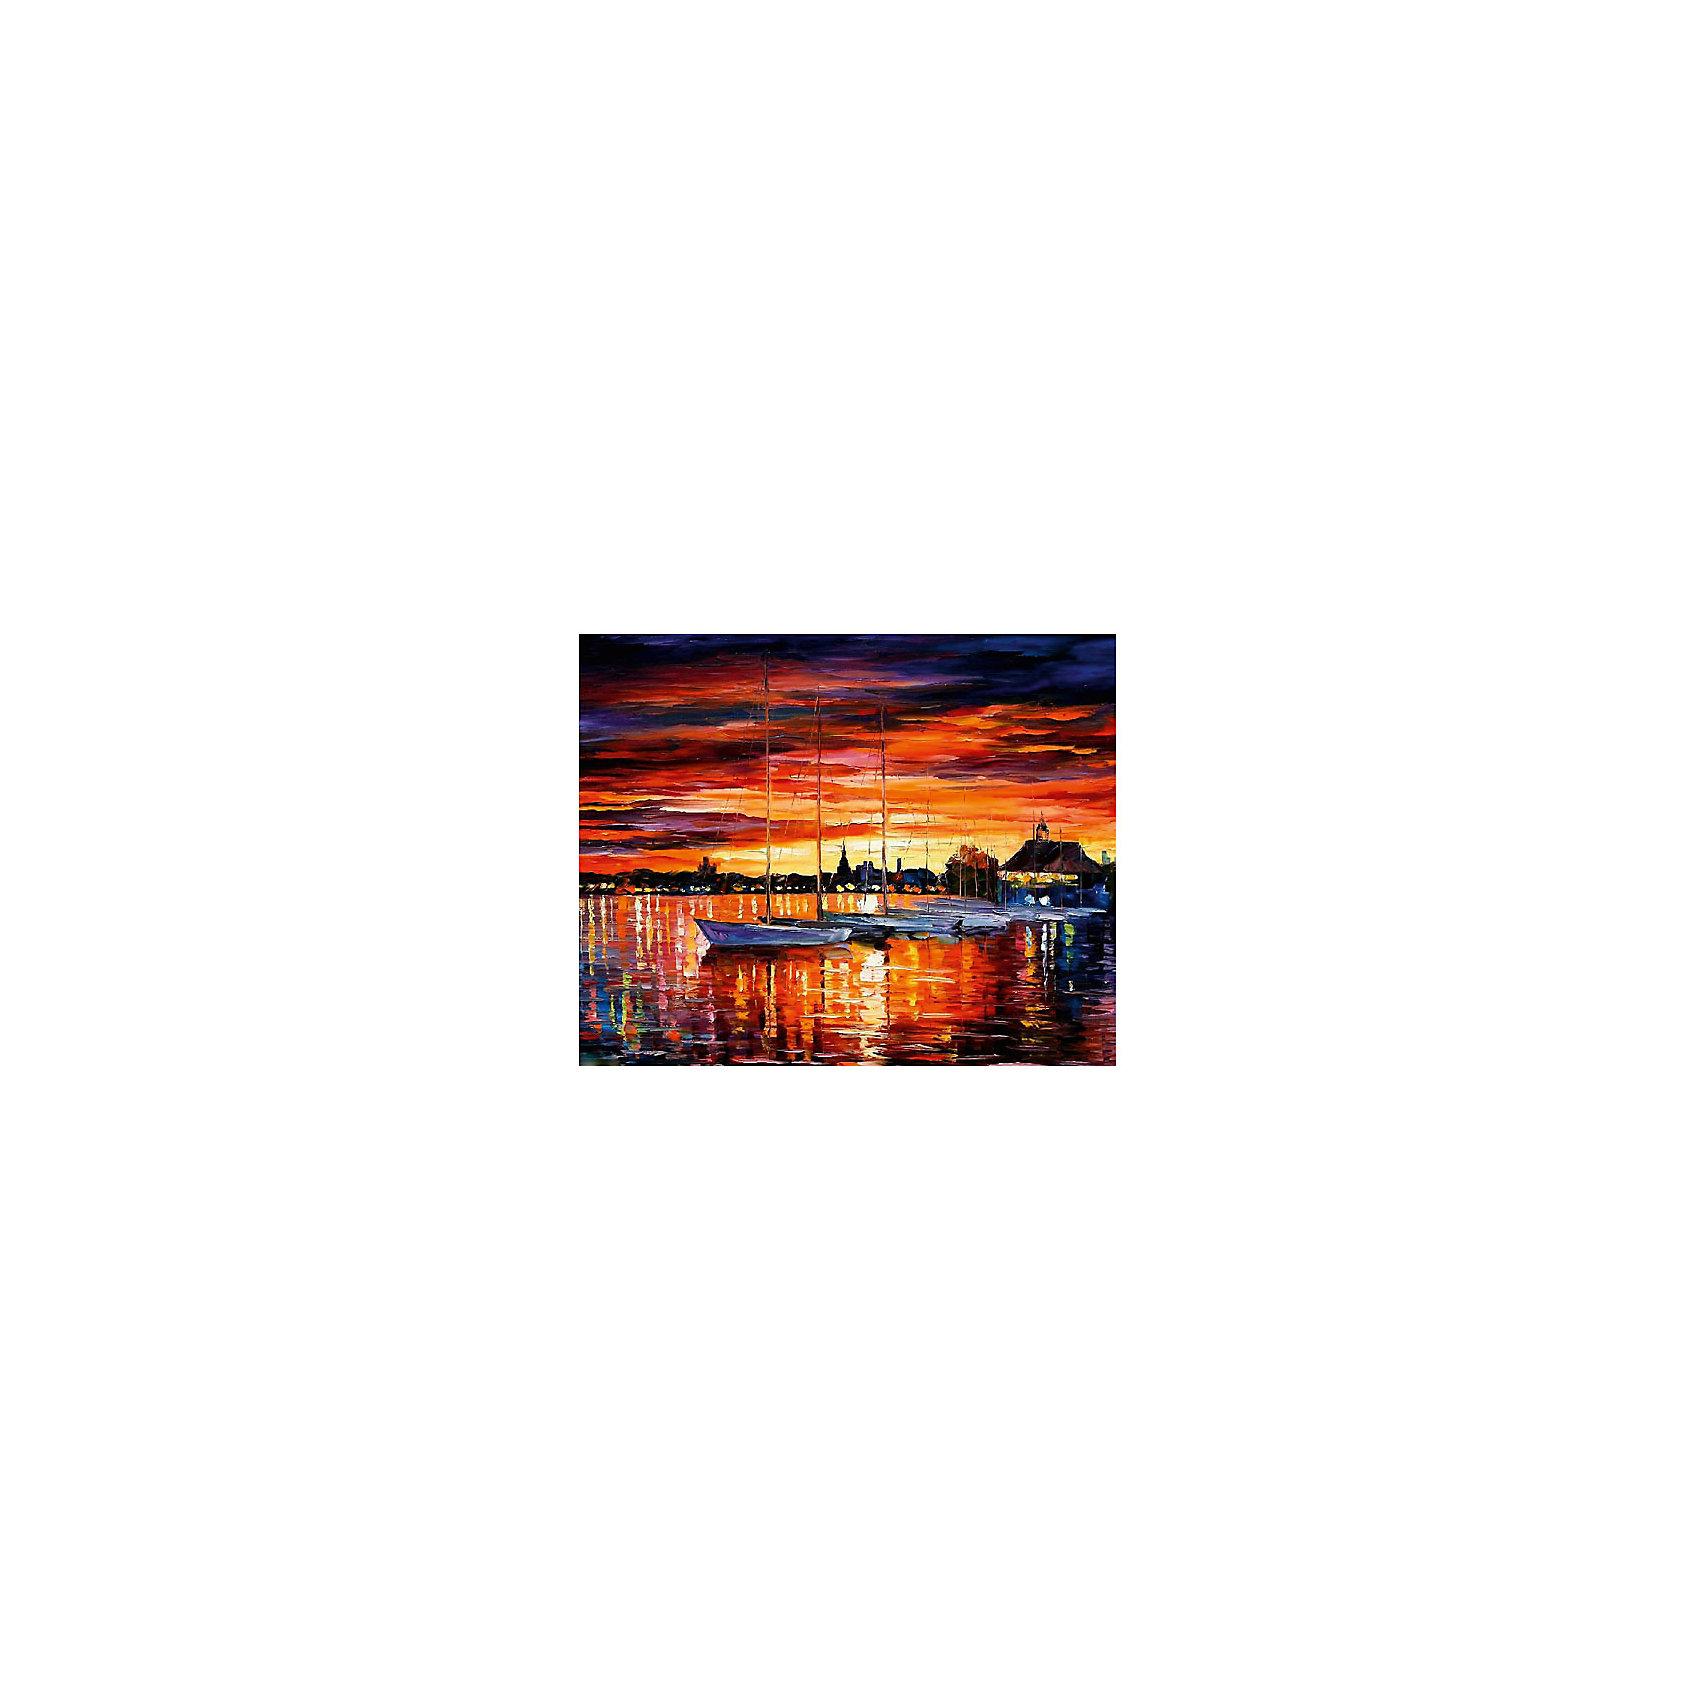 Картина по номерам Афремов: Парусные яхты, Хельсинки, 40*50 смРисование<br>Характеристики товара:<br><br>• материал упаковки: картон <br>• в комплект входит: холст, акриловые краски, 3 кисти<br>• количество цветов: 23<br>• возраст: от 8 лет<br>• вес: 730 г<br>• размер картинки: 40х50 см<br>• габариты упаковки: 40х50х4 см<br>• страна производитель: Китай<br><br>Наборы для создания картин по номерам совсем недавно появились на рынке, но уже успели завоевать популярность. Закрашивая черно-белые места на картинке, ребенок получит полноценную картину и развитие художественного мастерства. Материалы, использованные при изготовлении товаров, проходят проверку на качество и соответствие международным требованиям по безопасности. <br><br>Картину по номерам Афремов: Парусные яхты, Хельсинки, 40*50 см можно купить в нашем интернет-магазине.<br><br>Ширина мм: 500<br>Глубина мм: 400<br>Высота мм: 40<br>Вес г: 730<br>Возраст от месяцев: 108<br>Возраст до месяцев: 2147483647<br>Пол: Унисекс<br>Возраст: Детский<br>SKU: 5417689